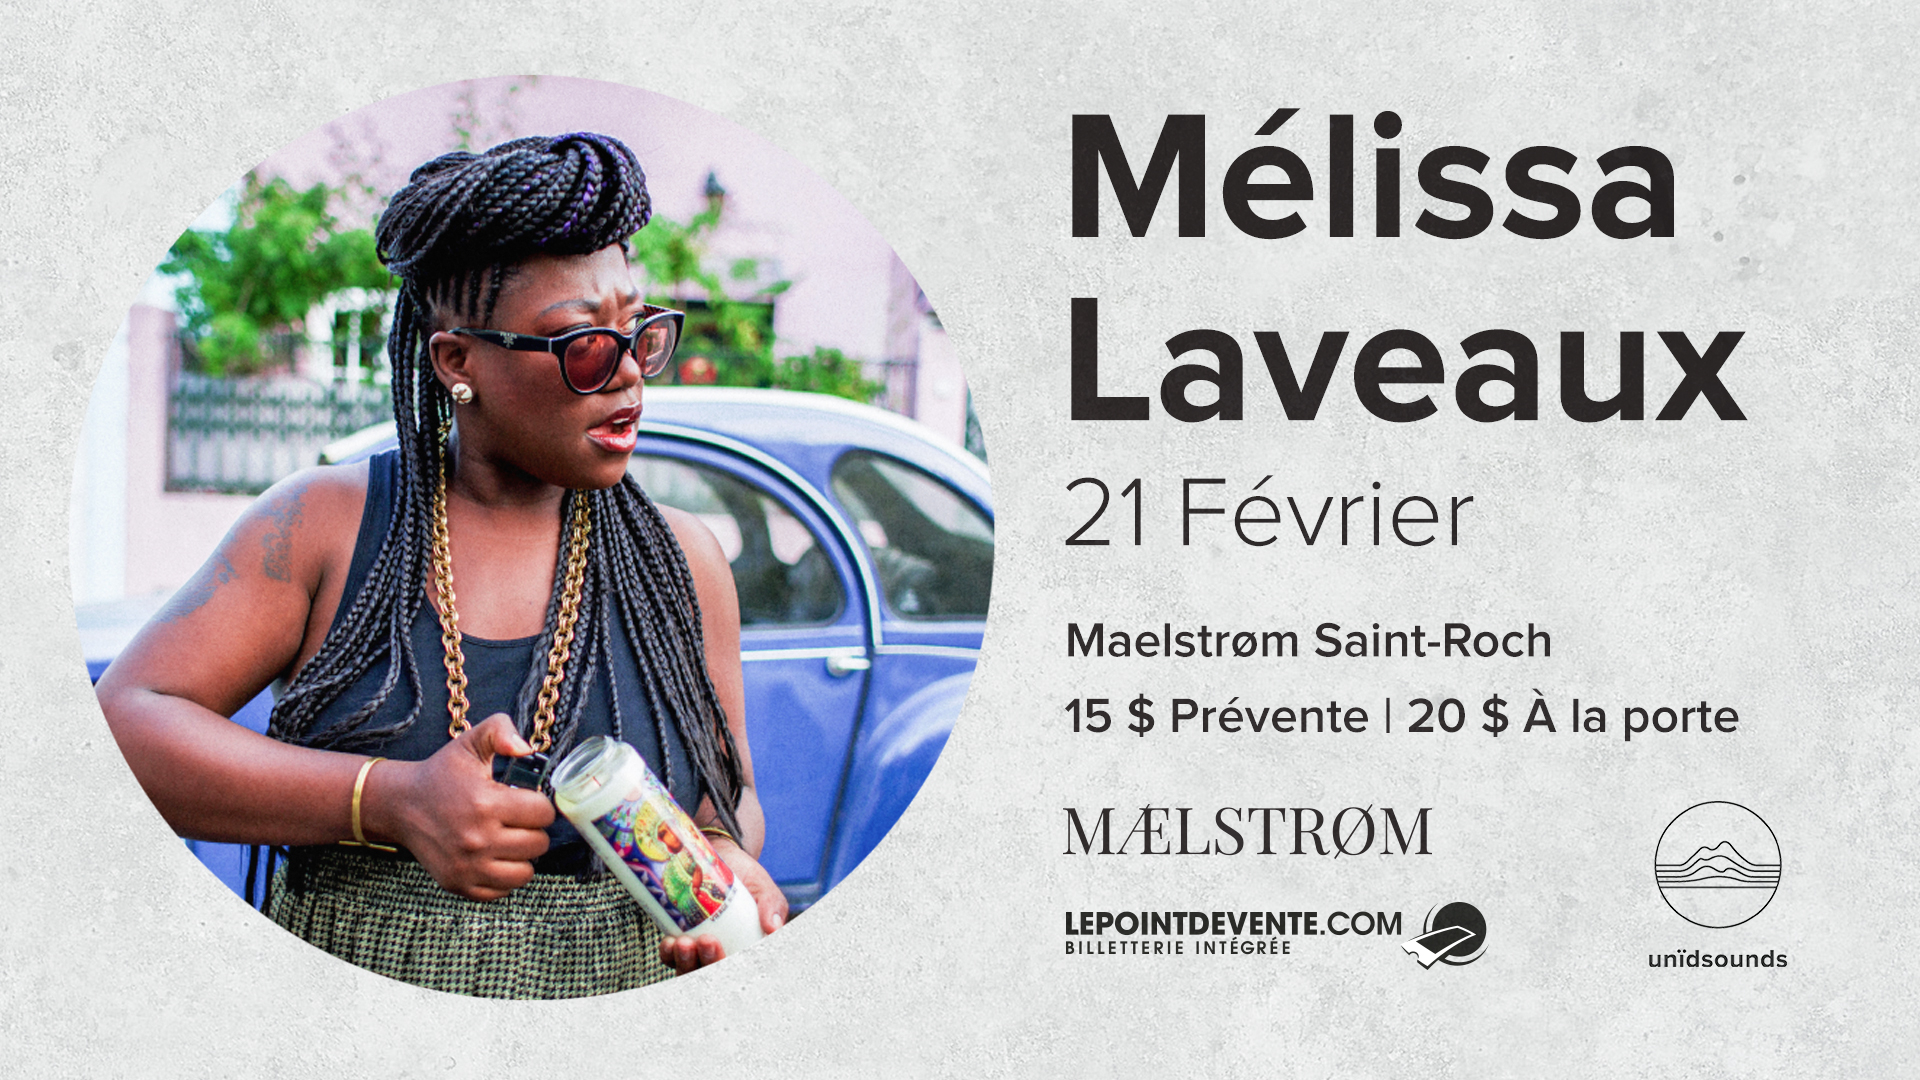 UNS-Melissa-Laveaux-Facebook.jpg